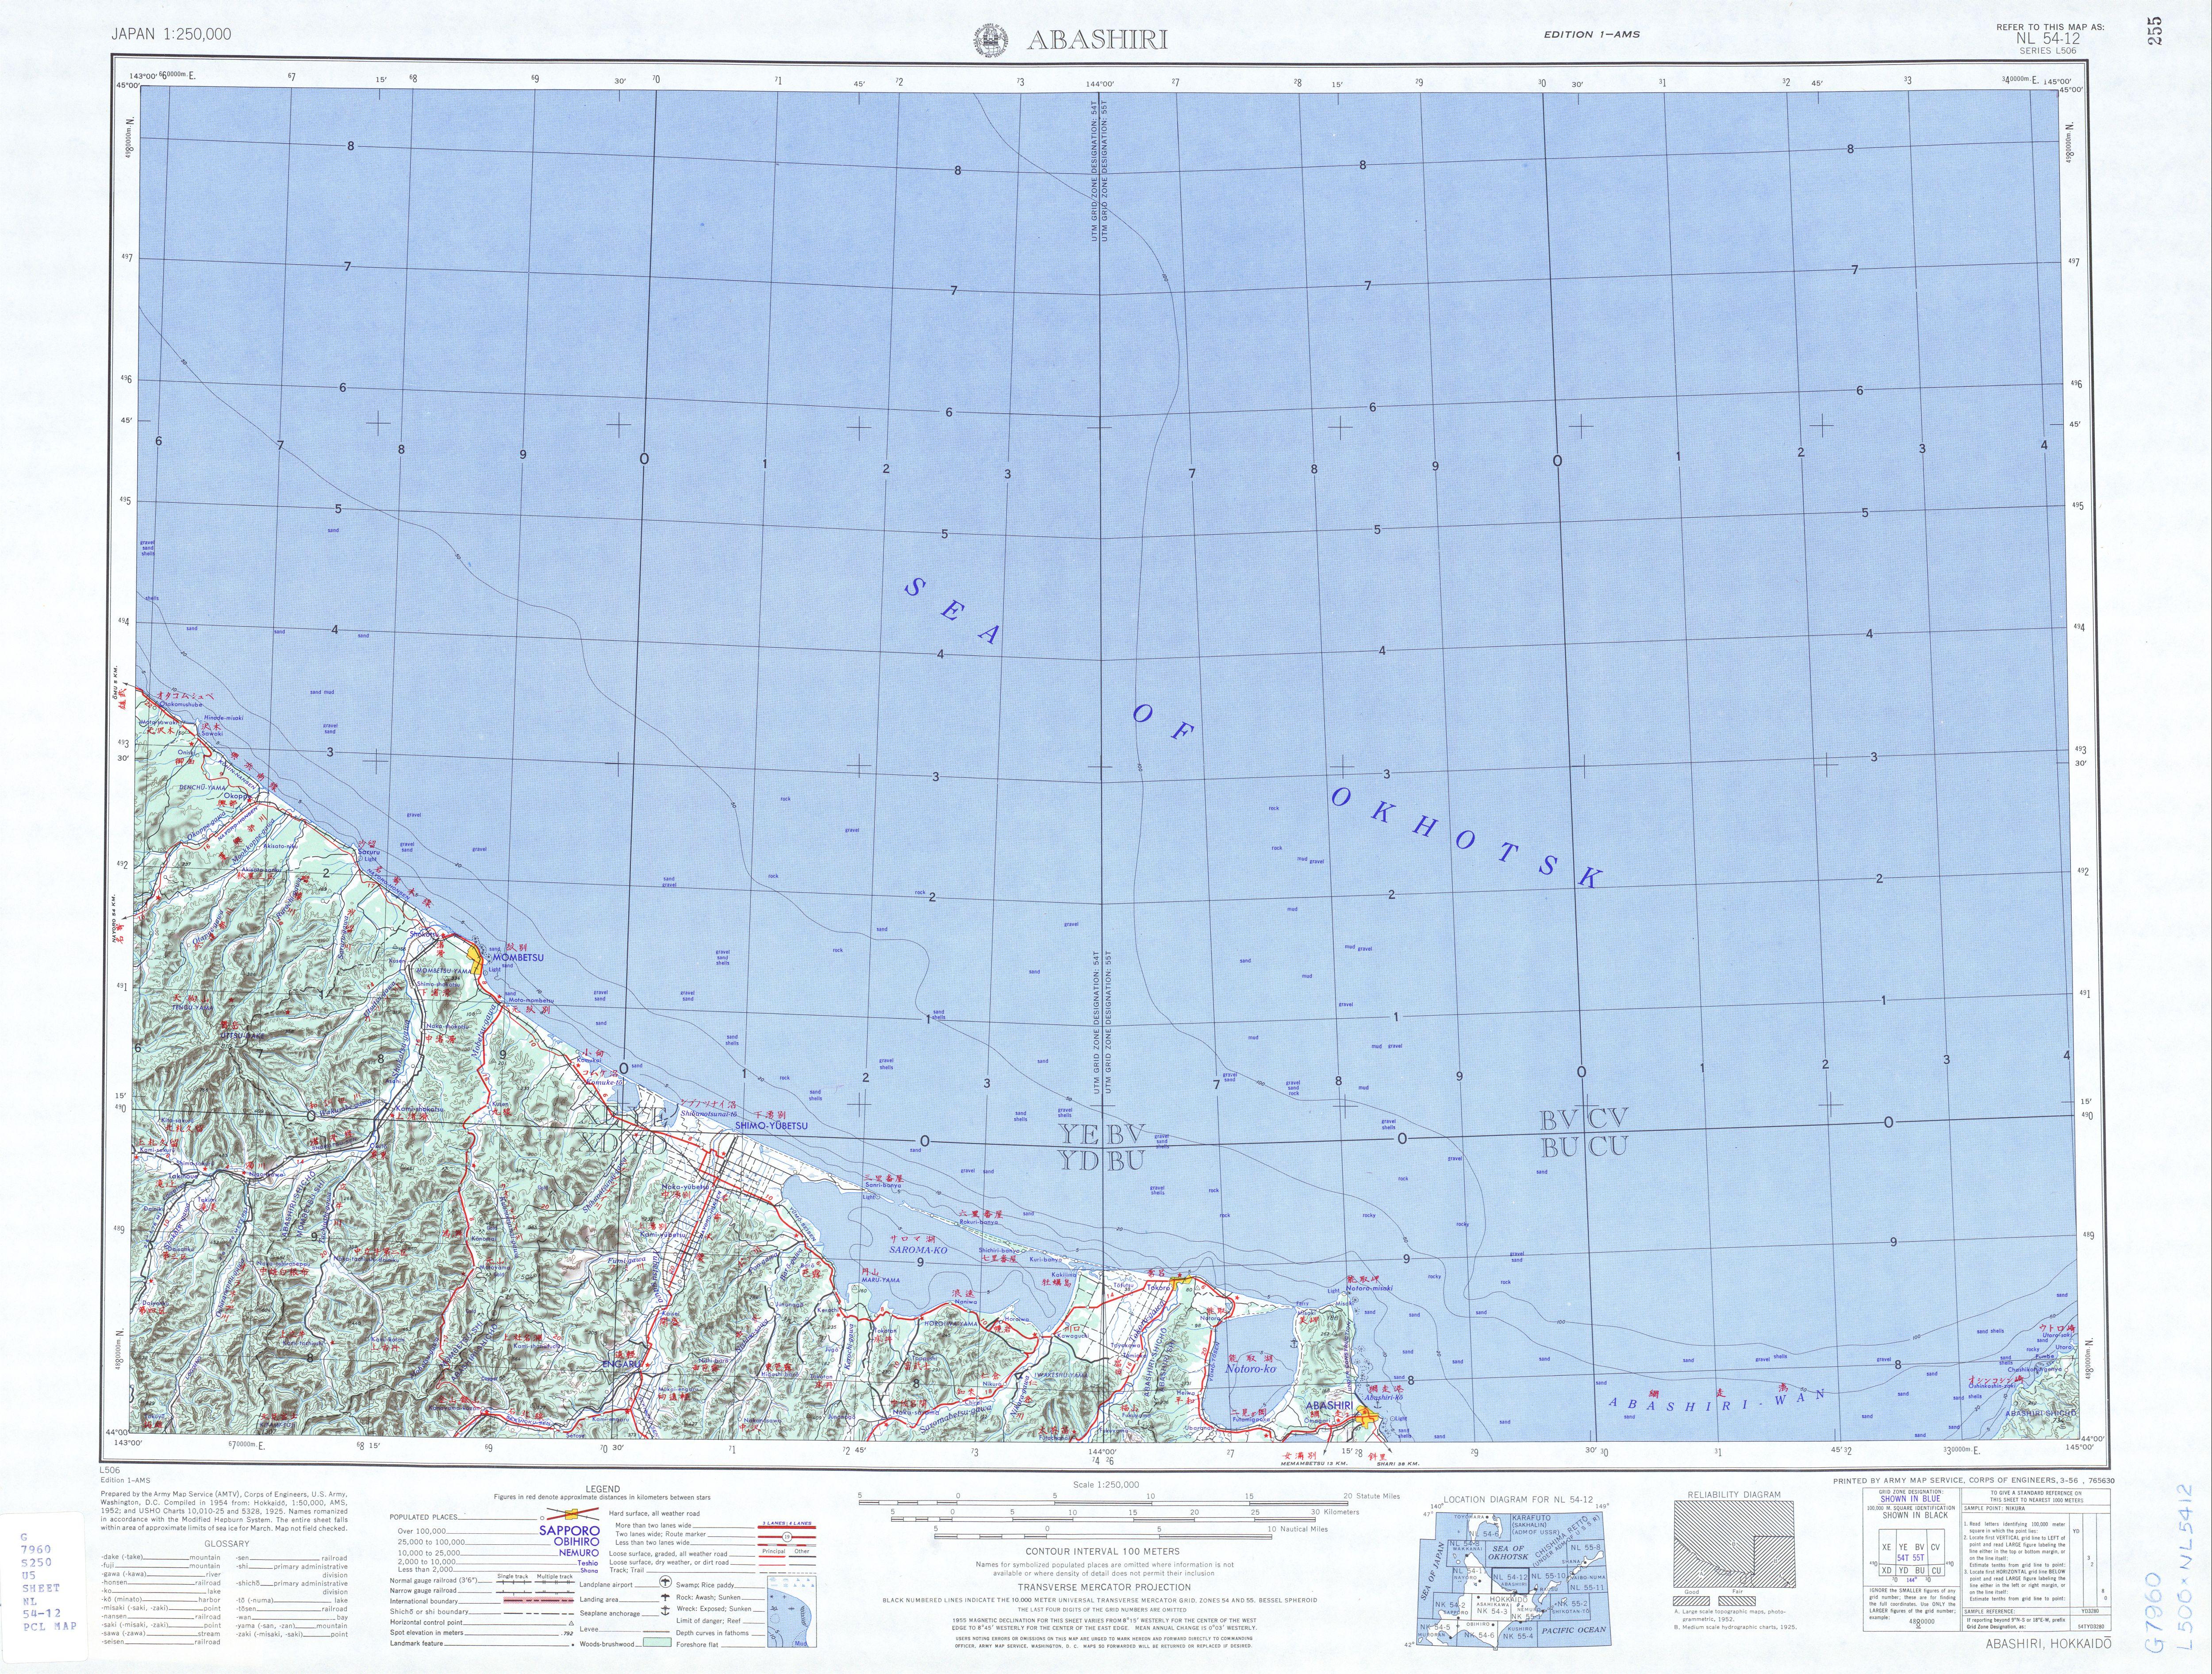 Abashiri Topographic Map Sheet, Japan 1954